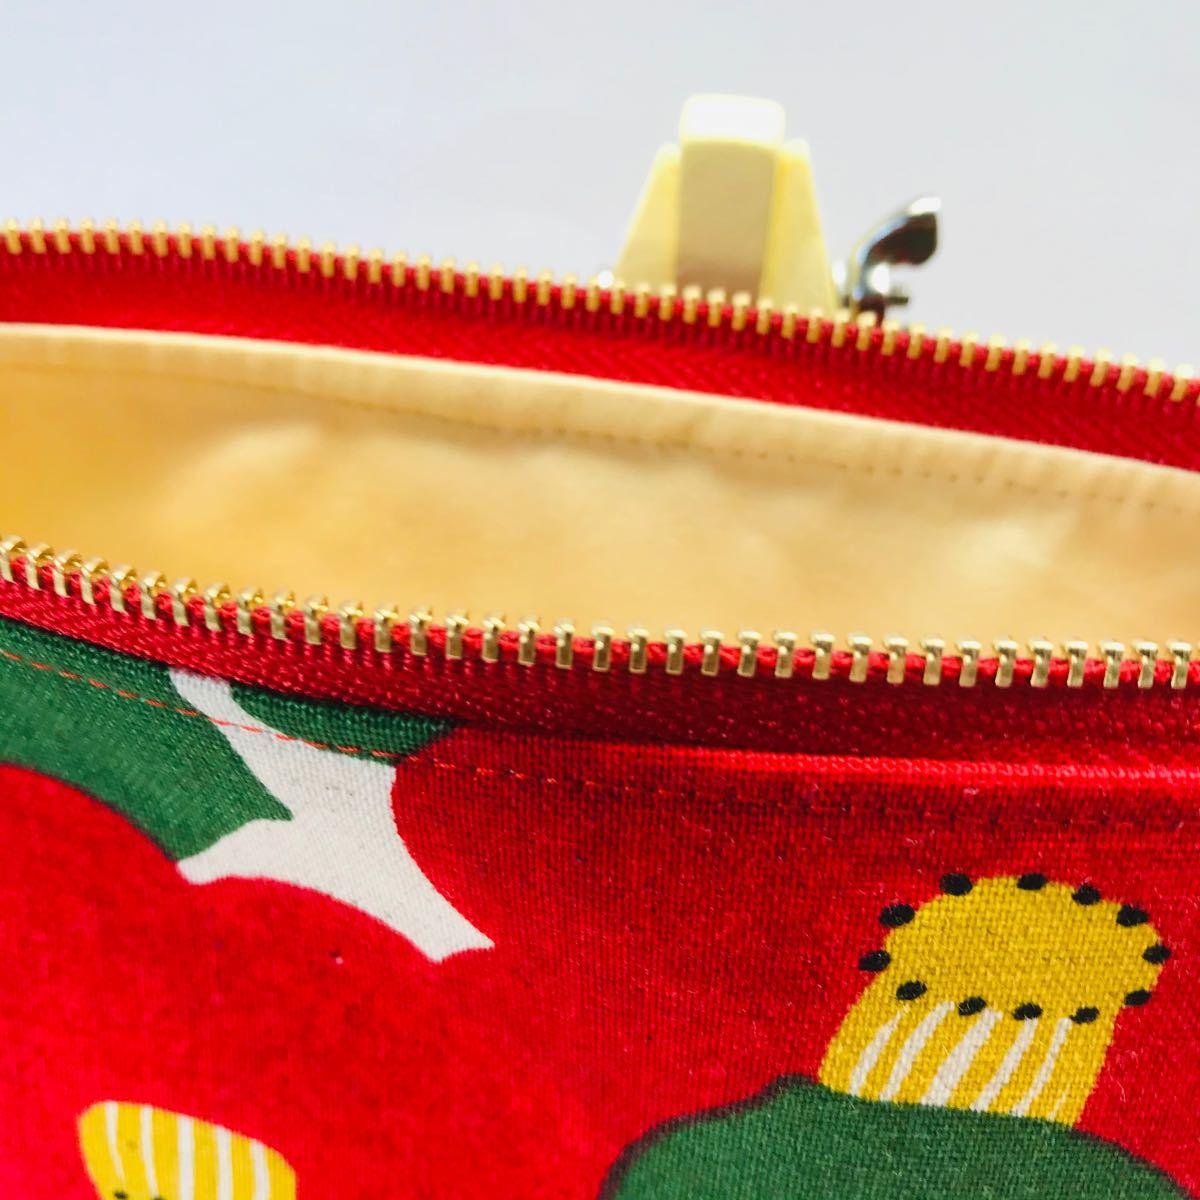 ポーチ ポケットティッシュケース付きポーチ 椿柄 3点セット ハンドメイド 小物入れ コスメポーチ サニタリーケース プレゼント